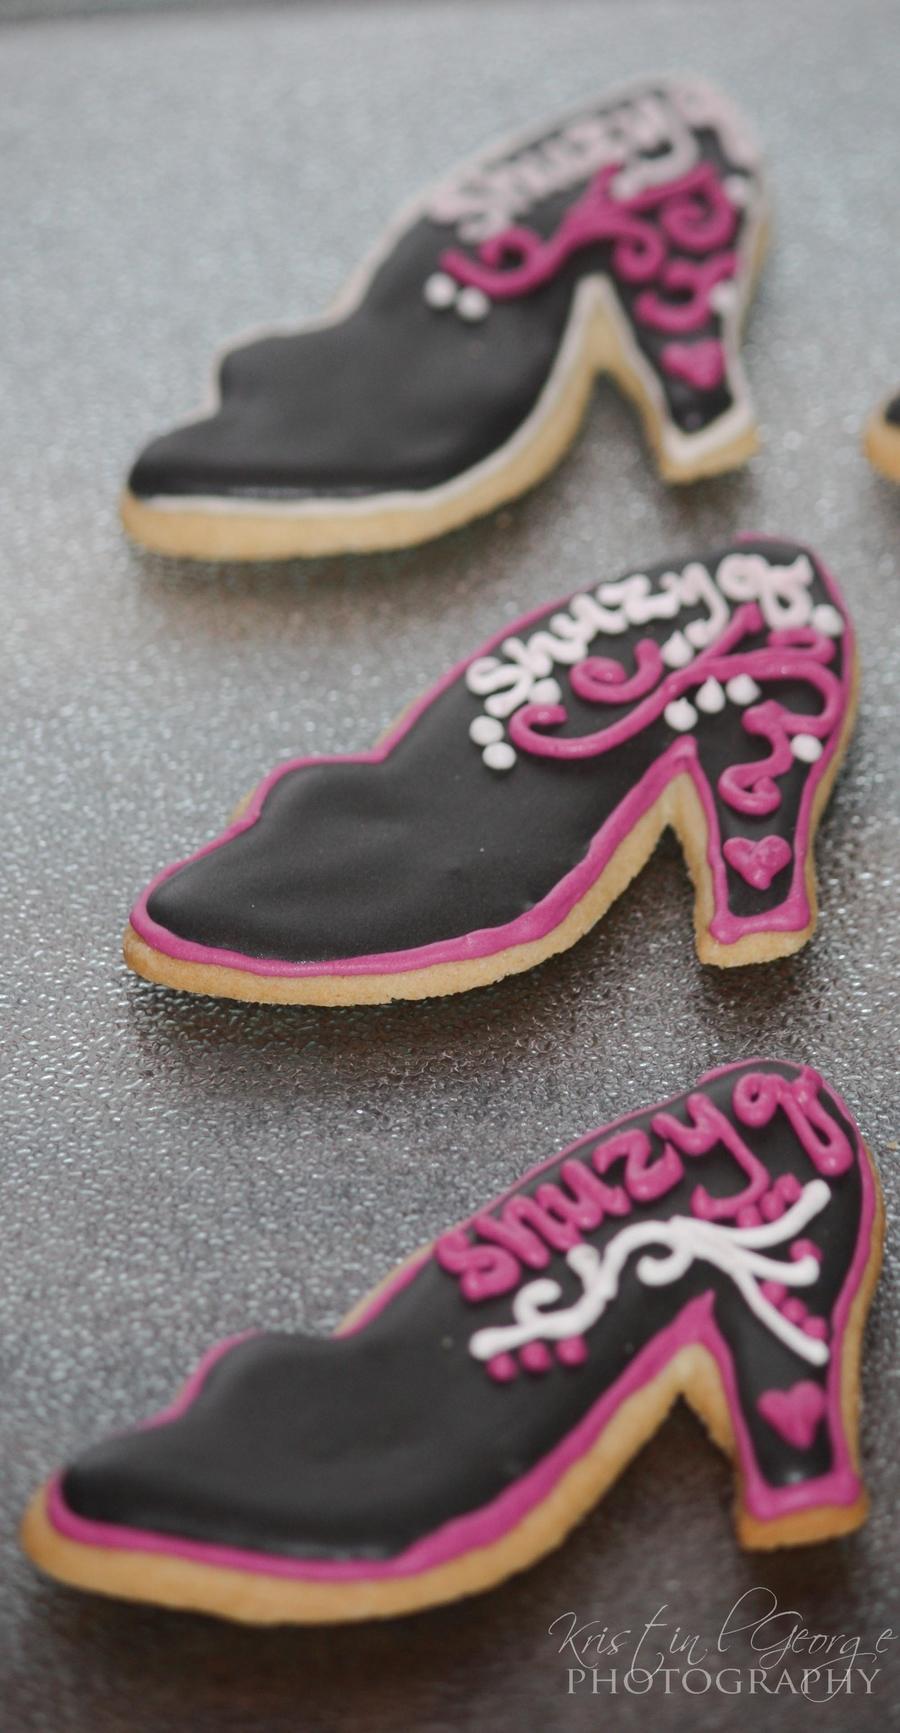 Shoe cookies recipe